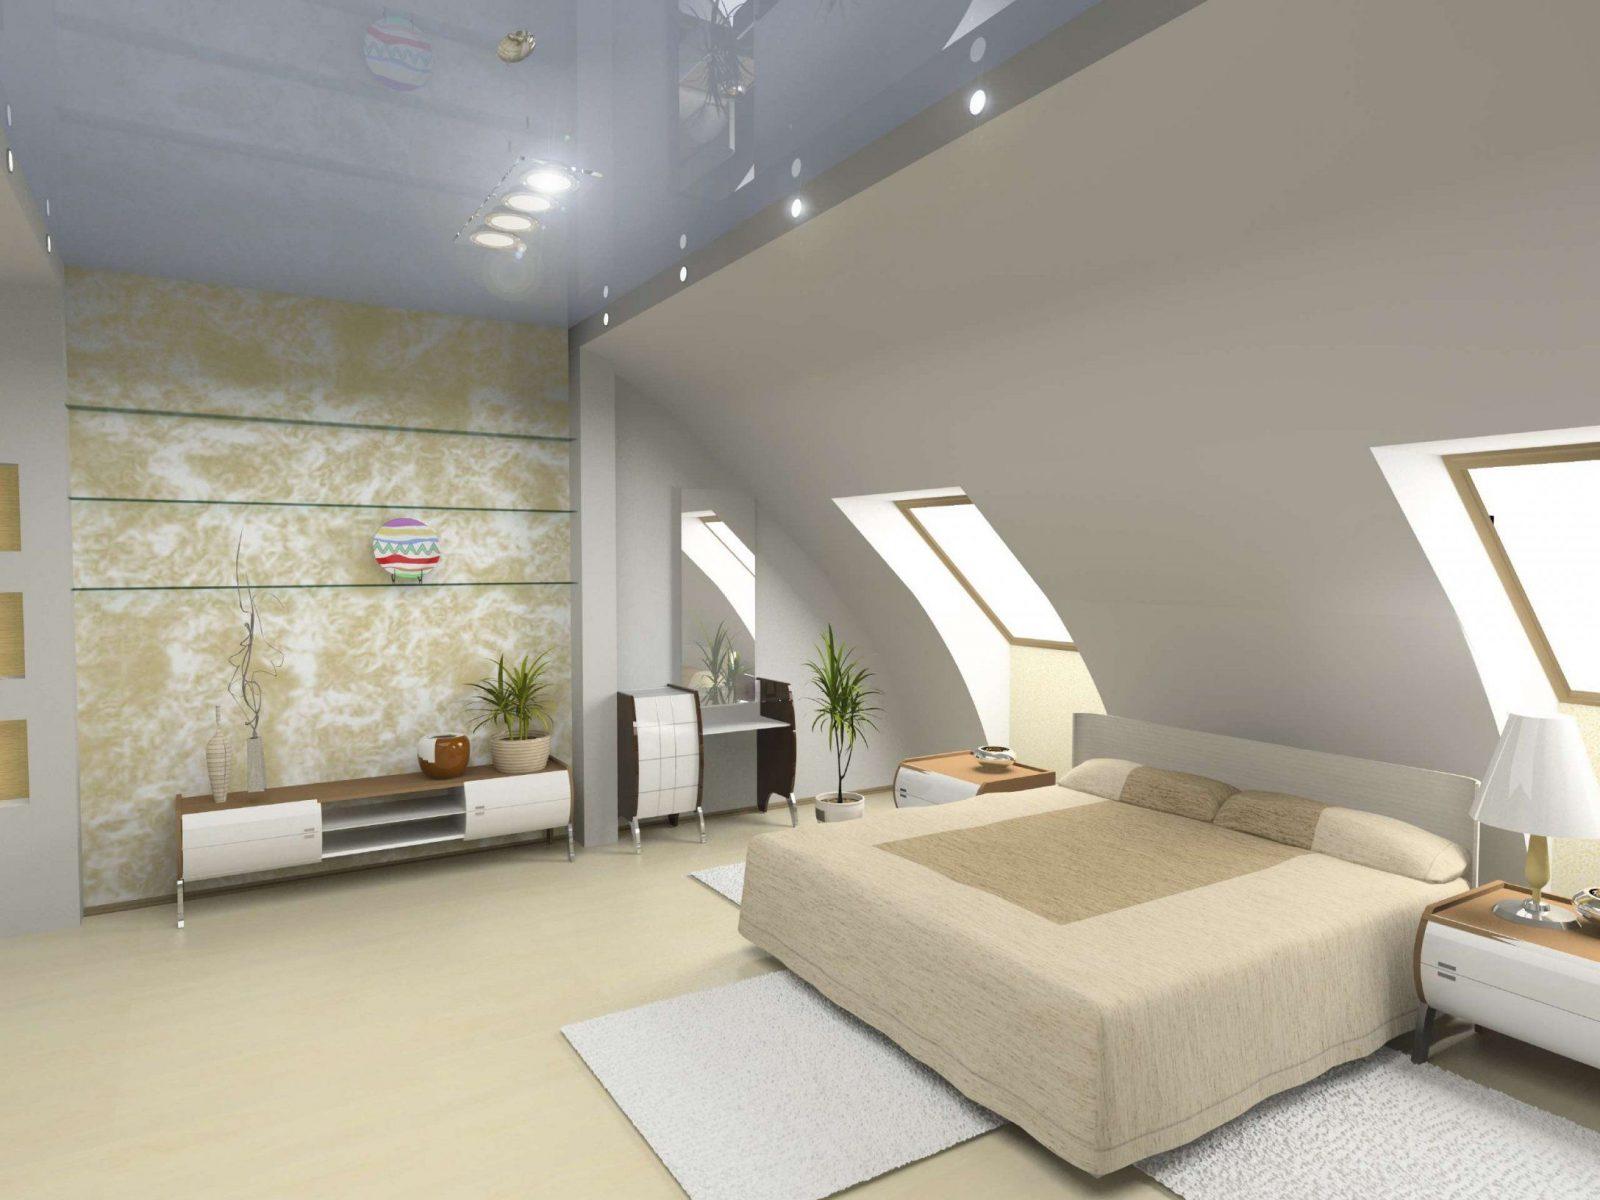 Bett Platzieren  Dachschräge Im Schlafzimmer von Schlafzimmer Dachschräge Feng Shui Photo